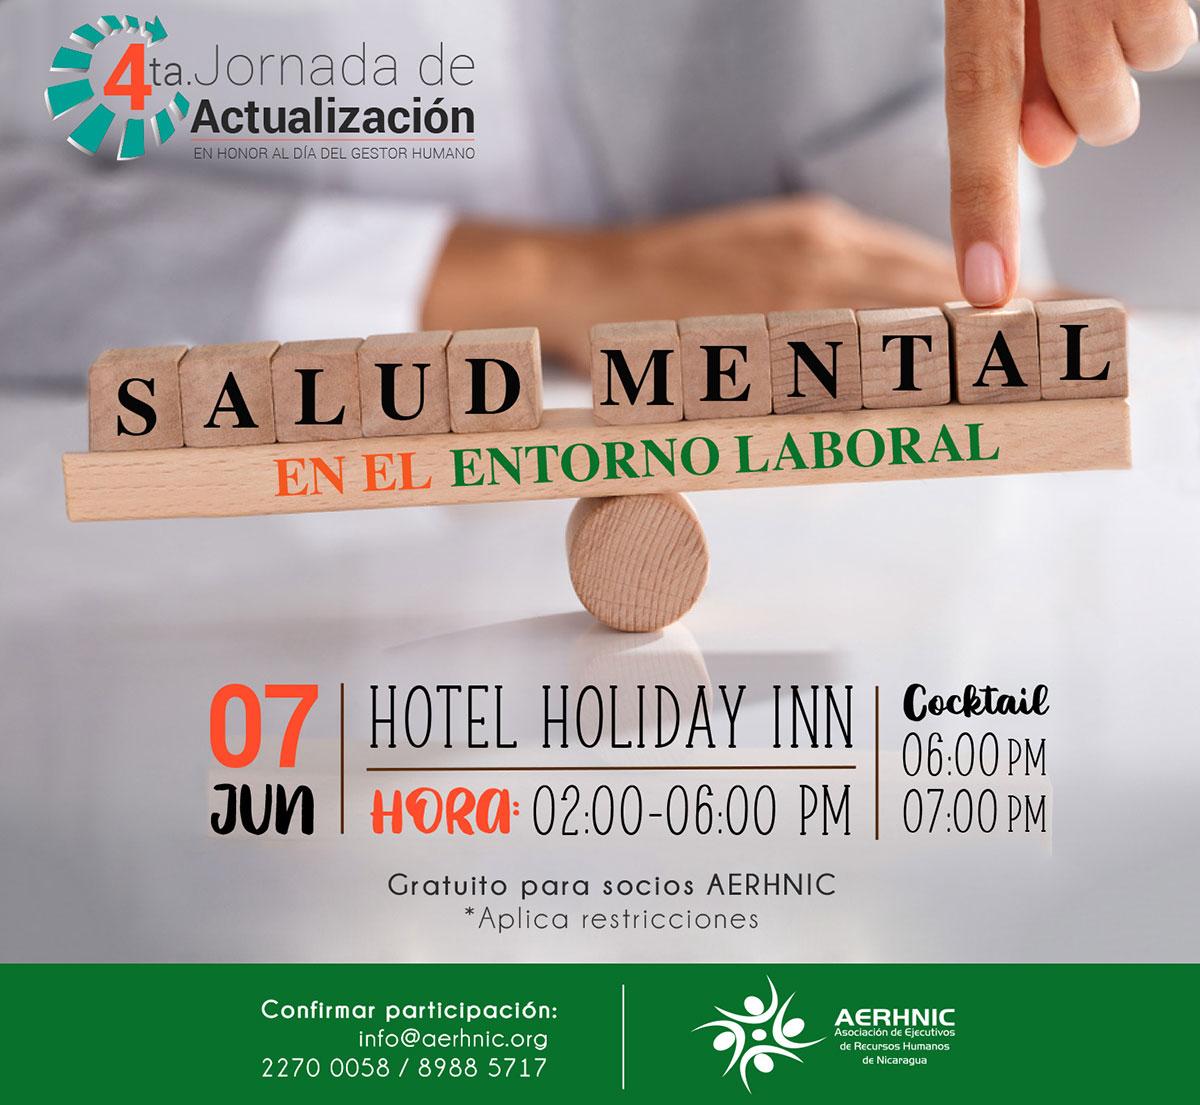 4t Jornada de Actualización - Salud Mental en el Entorno Laboral